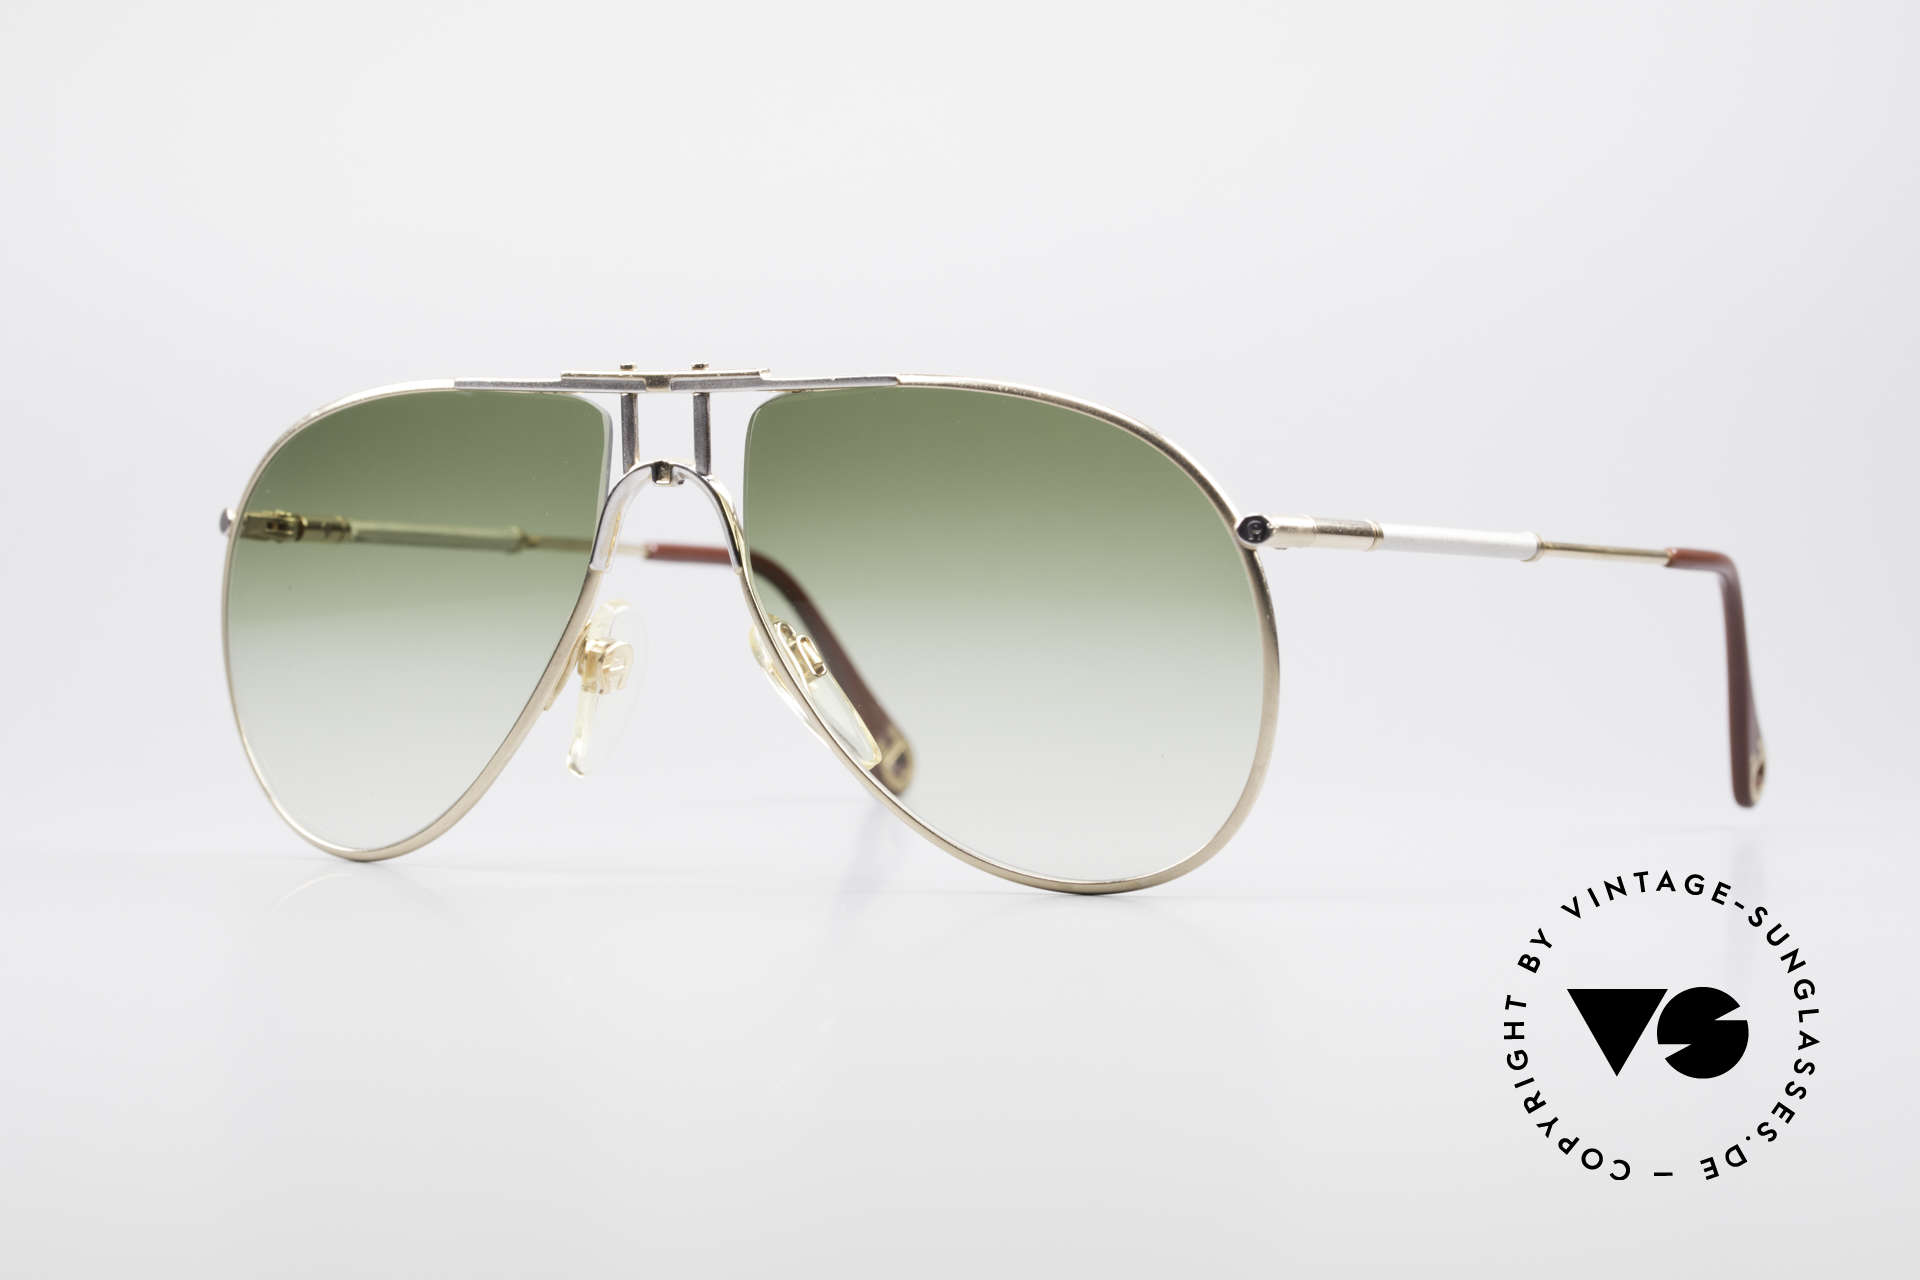 Sonnenbrillen Aigner EA4 80er Luxus Sonnenbrille Herren